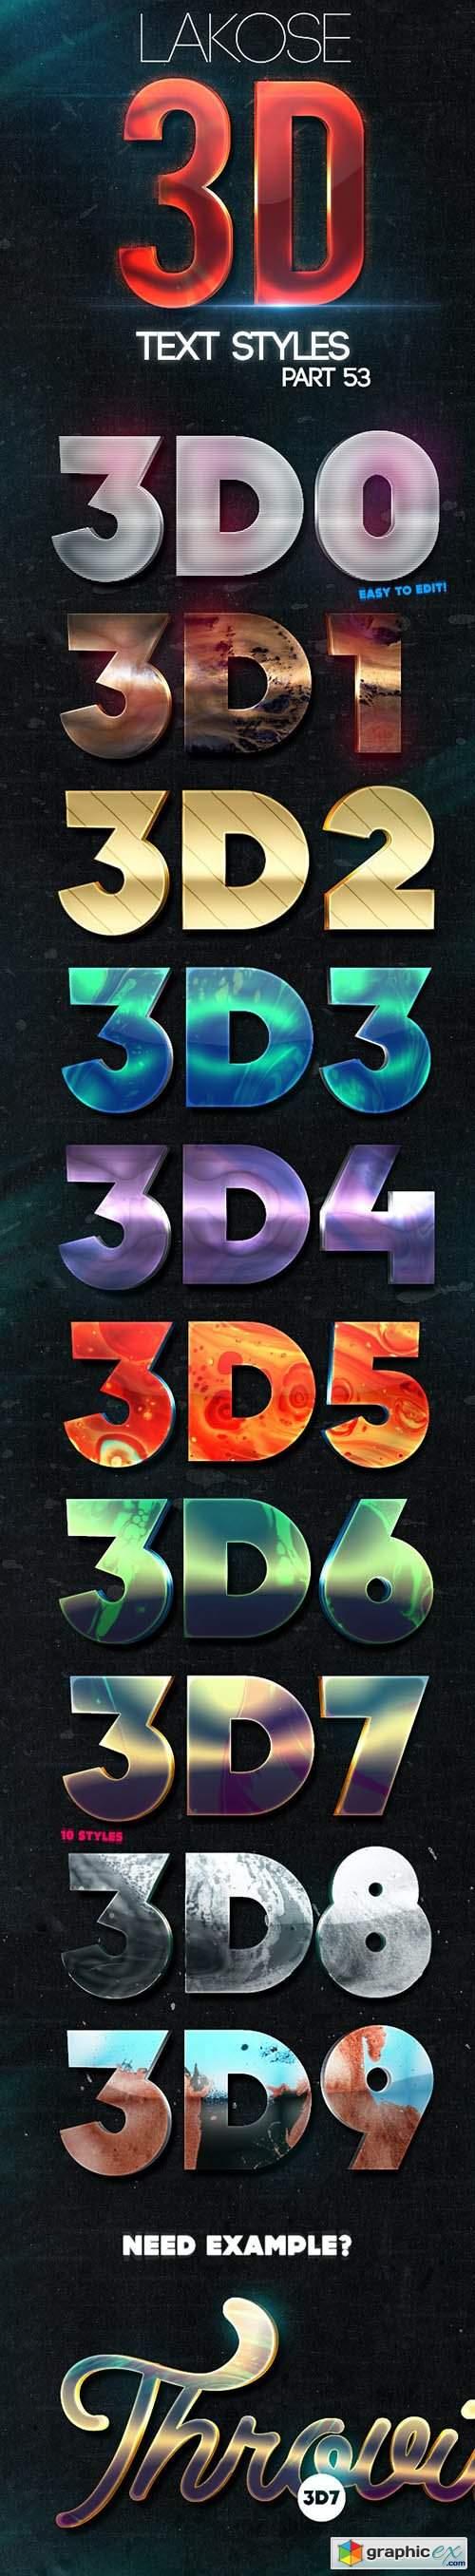 Lakose 3D Text Styles Part 53